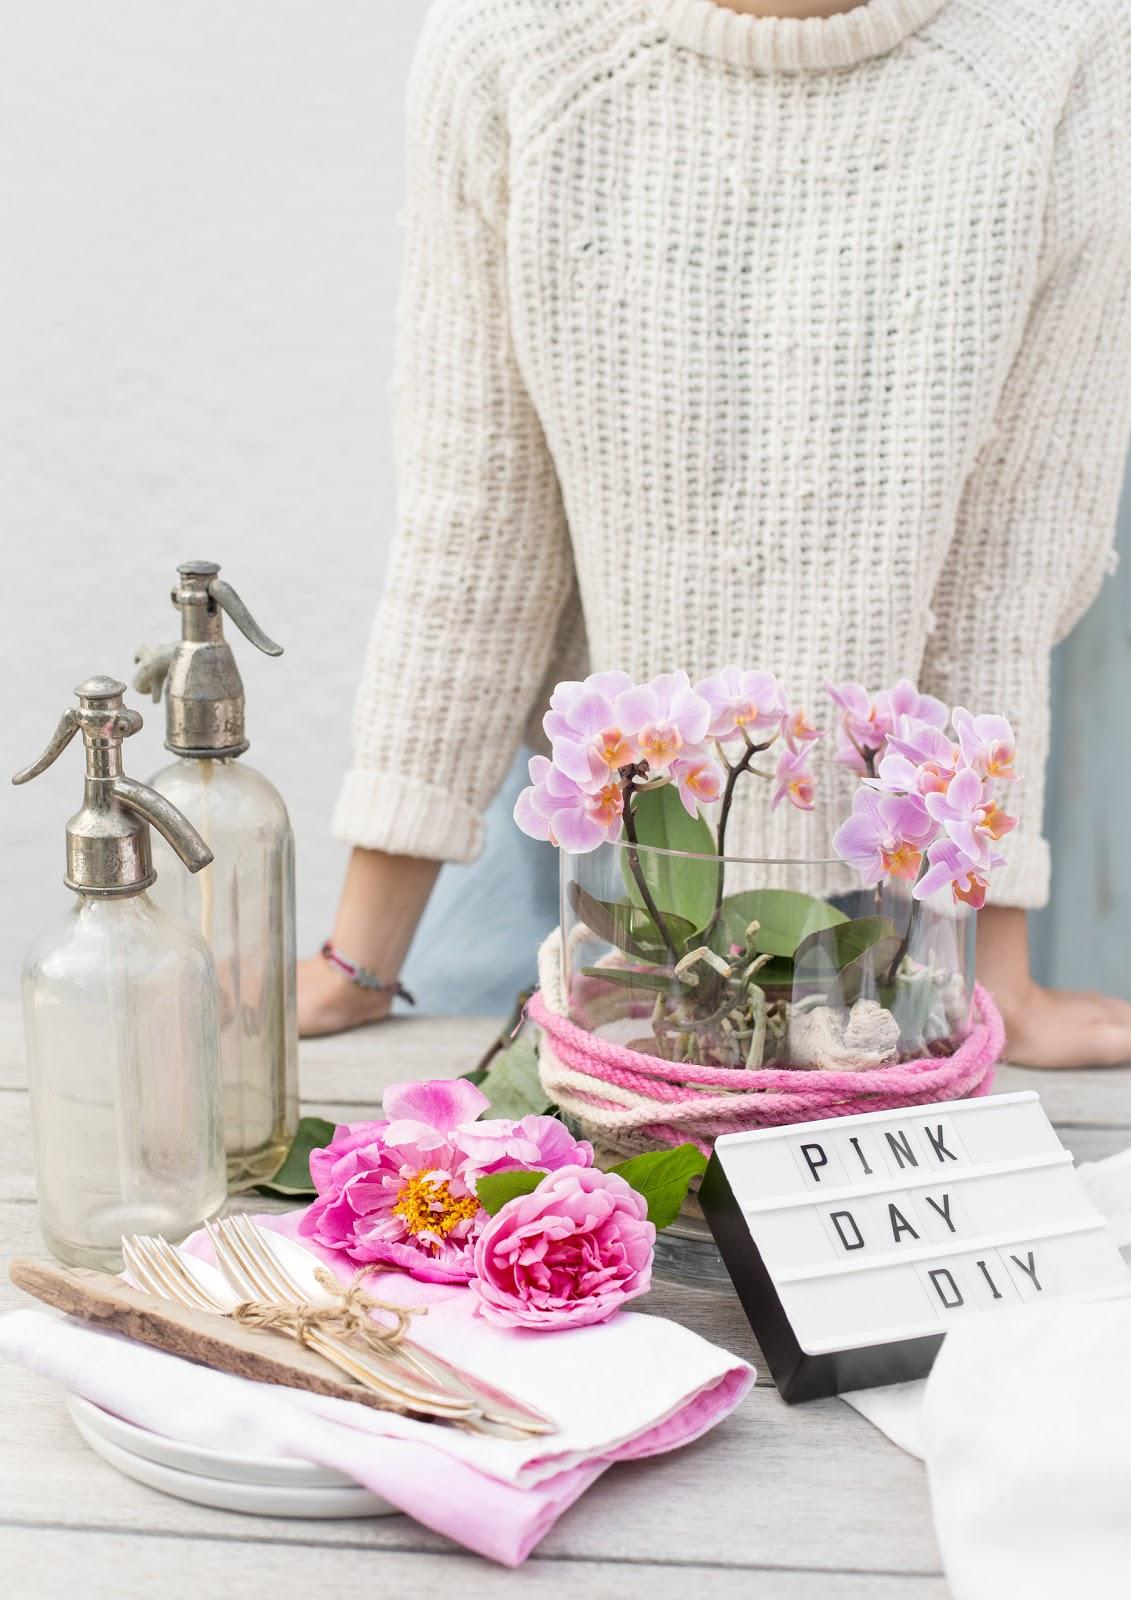 Pink Day DIY